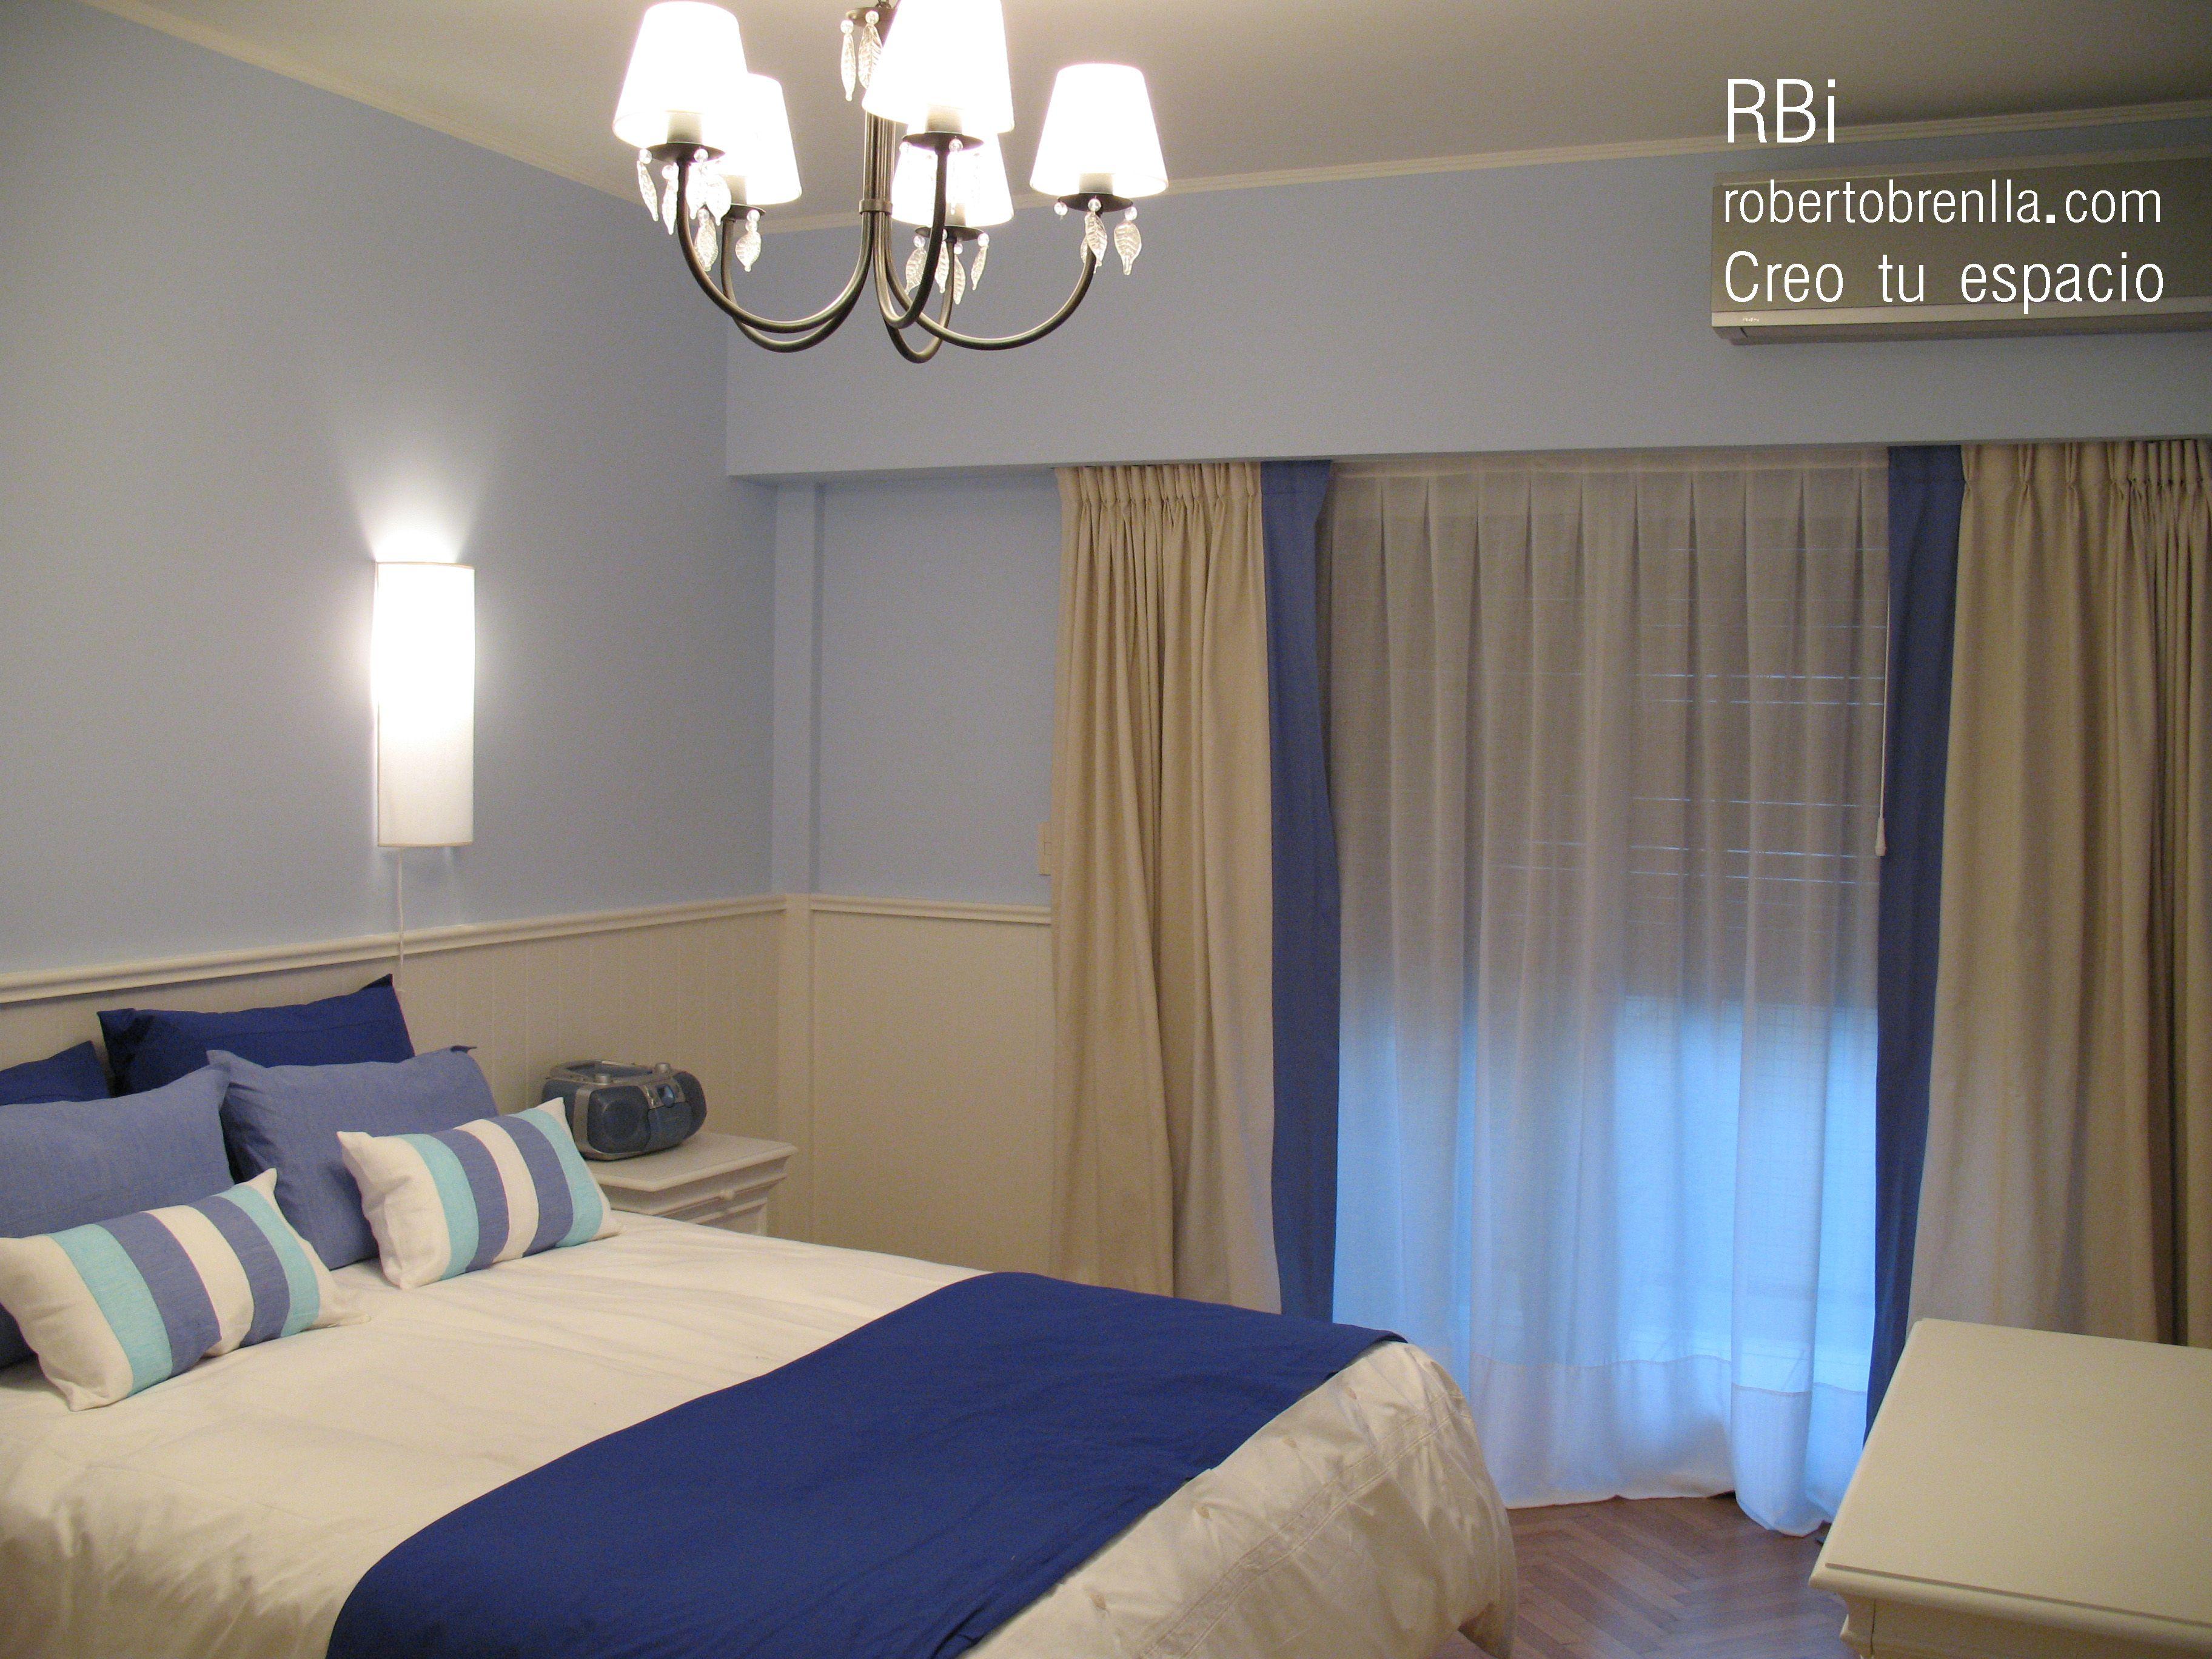 Dormitorio de huespedes en un dpto en Palermo